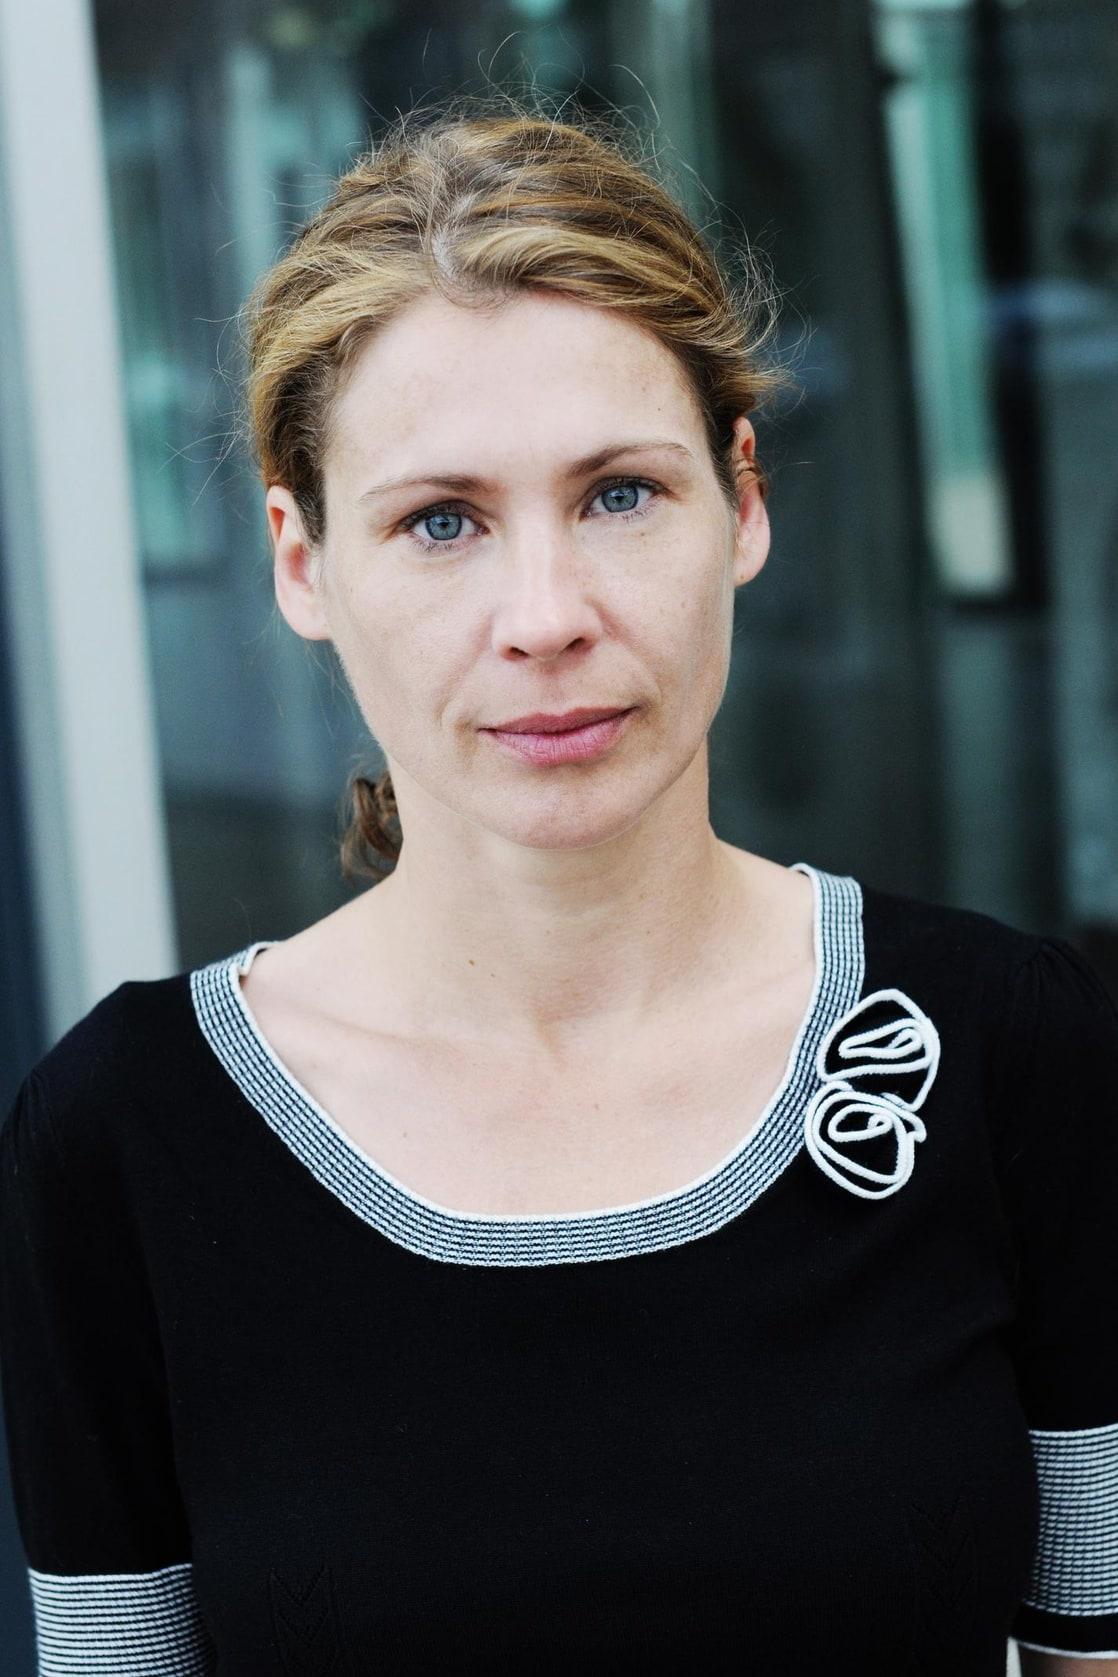 Jeanette Arndt